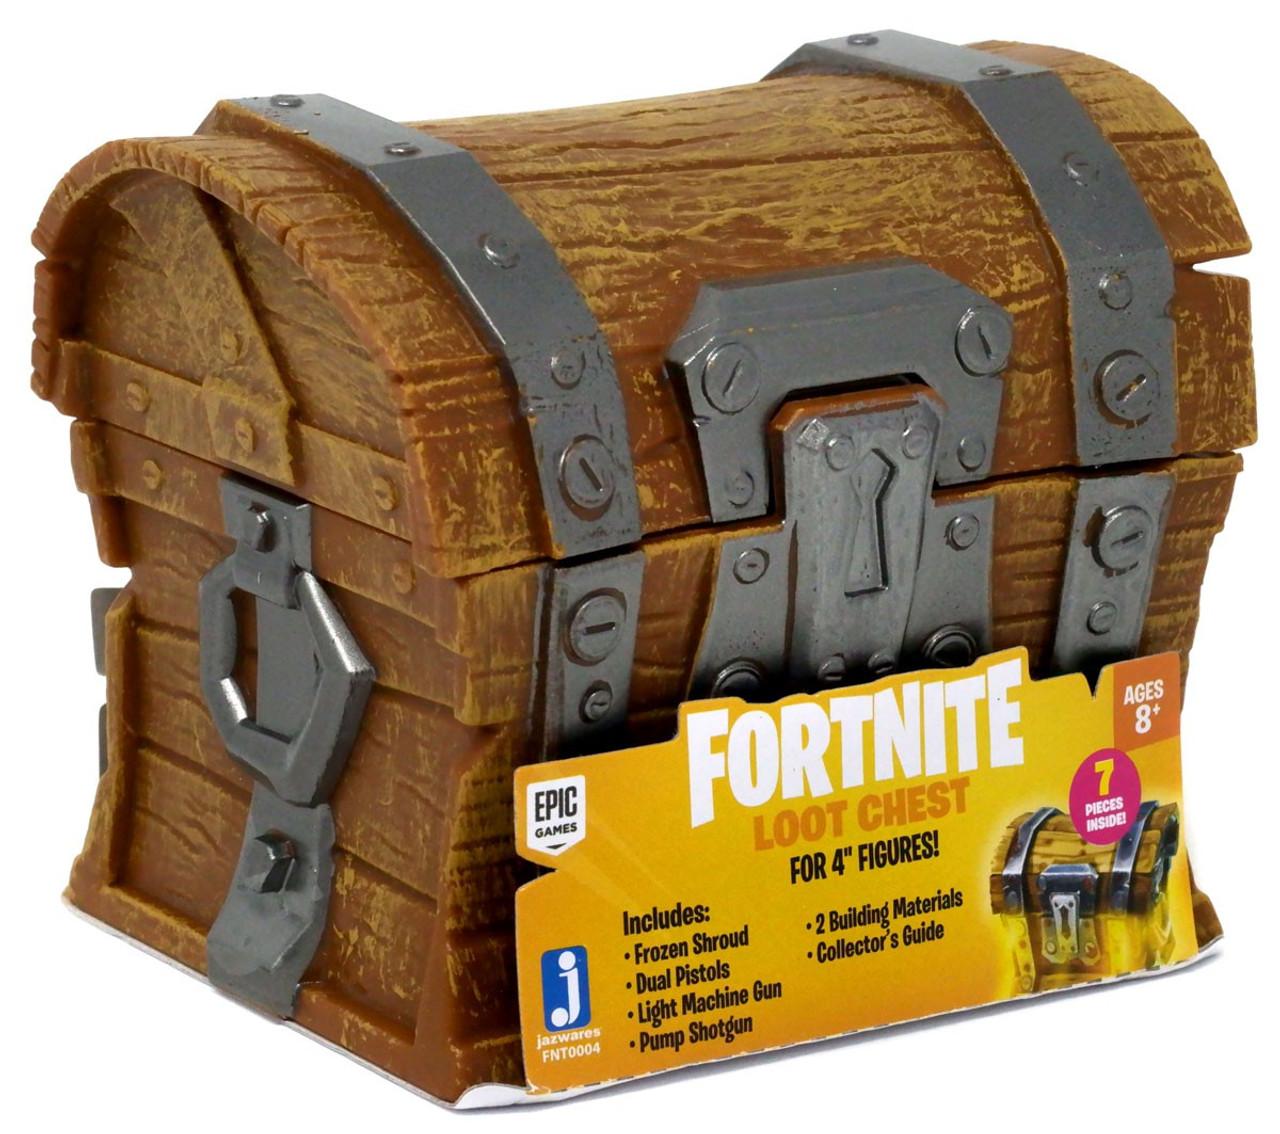 Fortnite Frozen Shroud Loot Chest